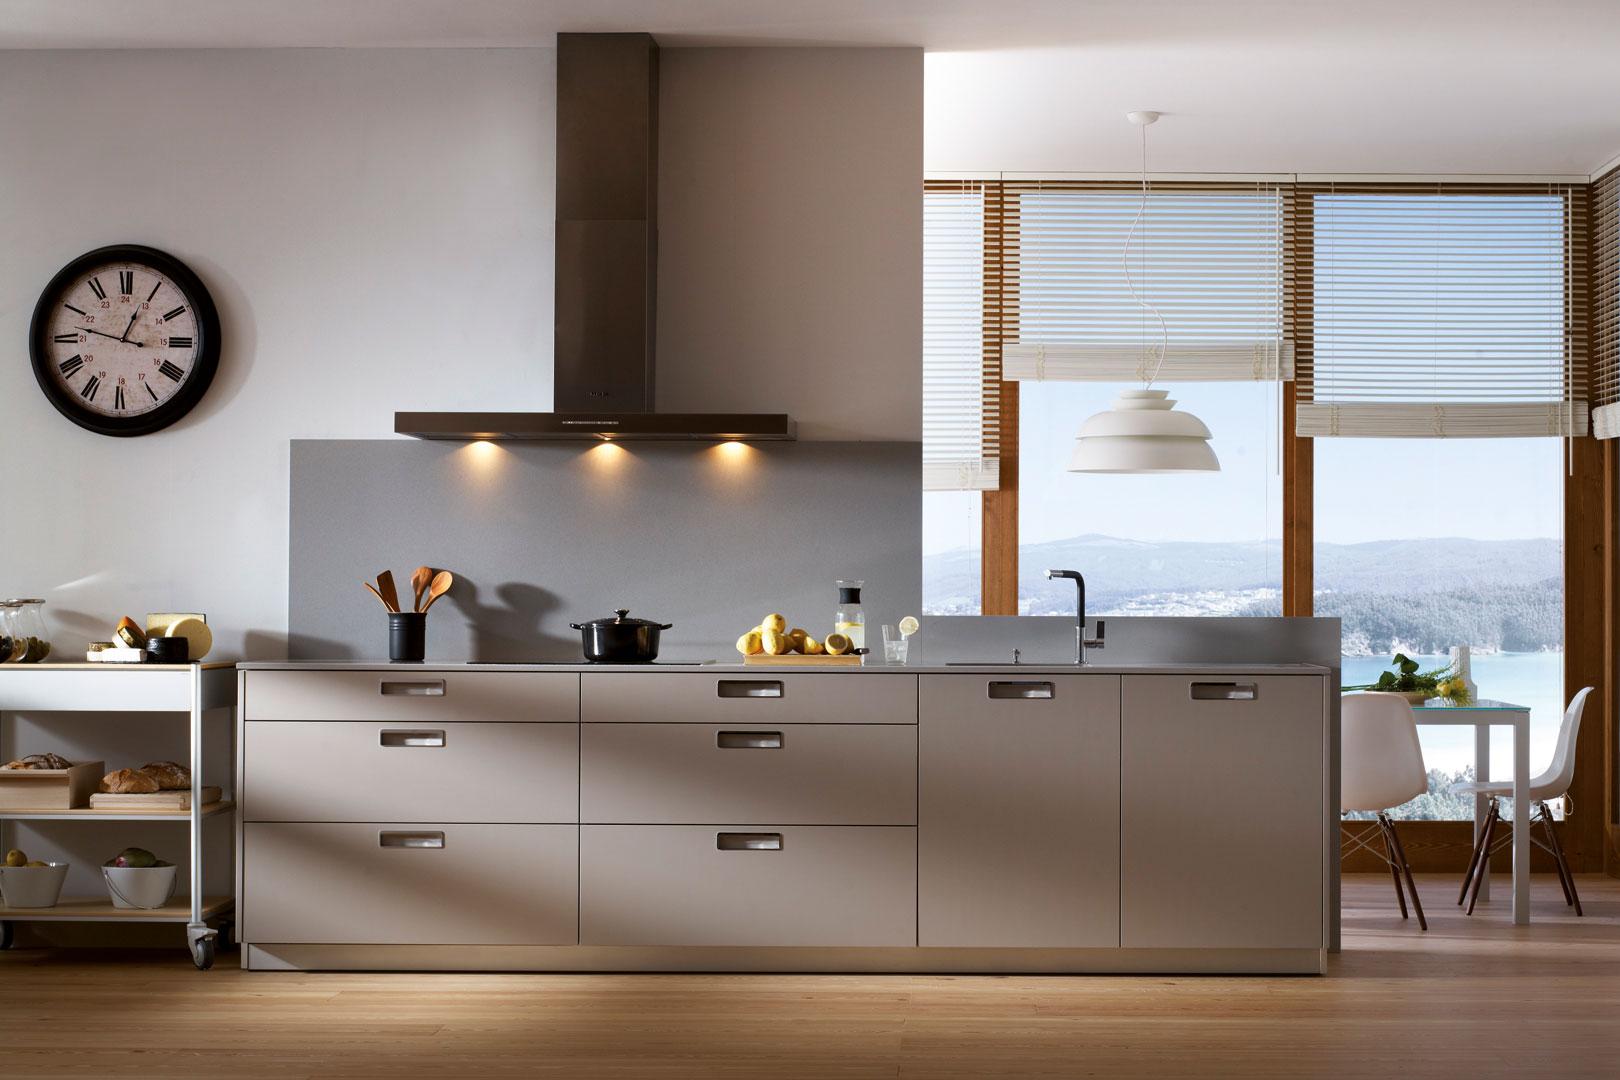 Campanas extractoras de cocina c mo acertar cocinas santos santiago interiores - Campanas de cocina decorativas ...